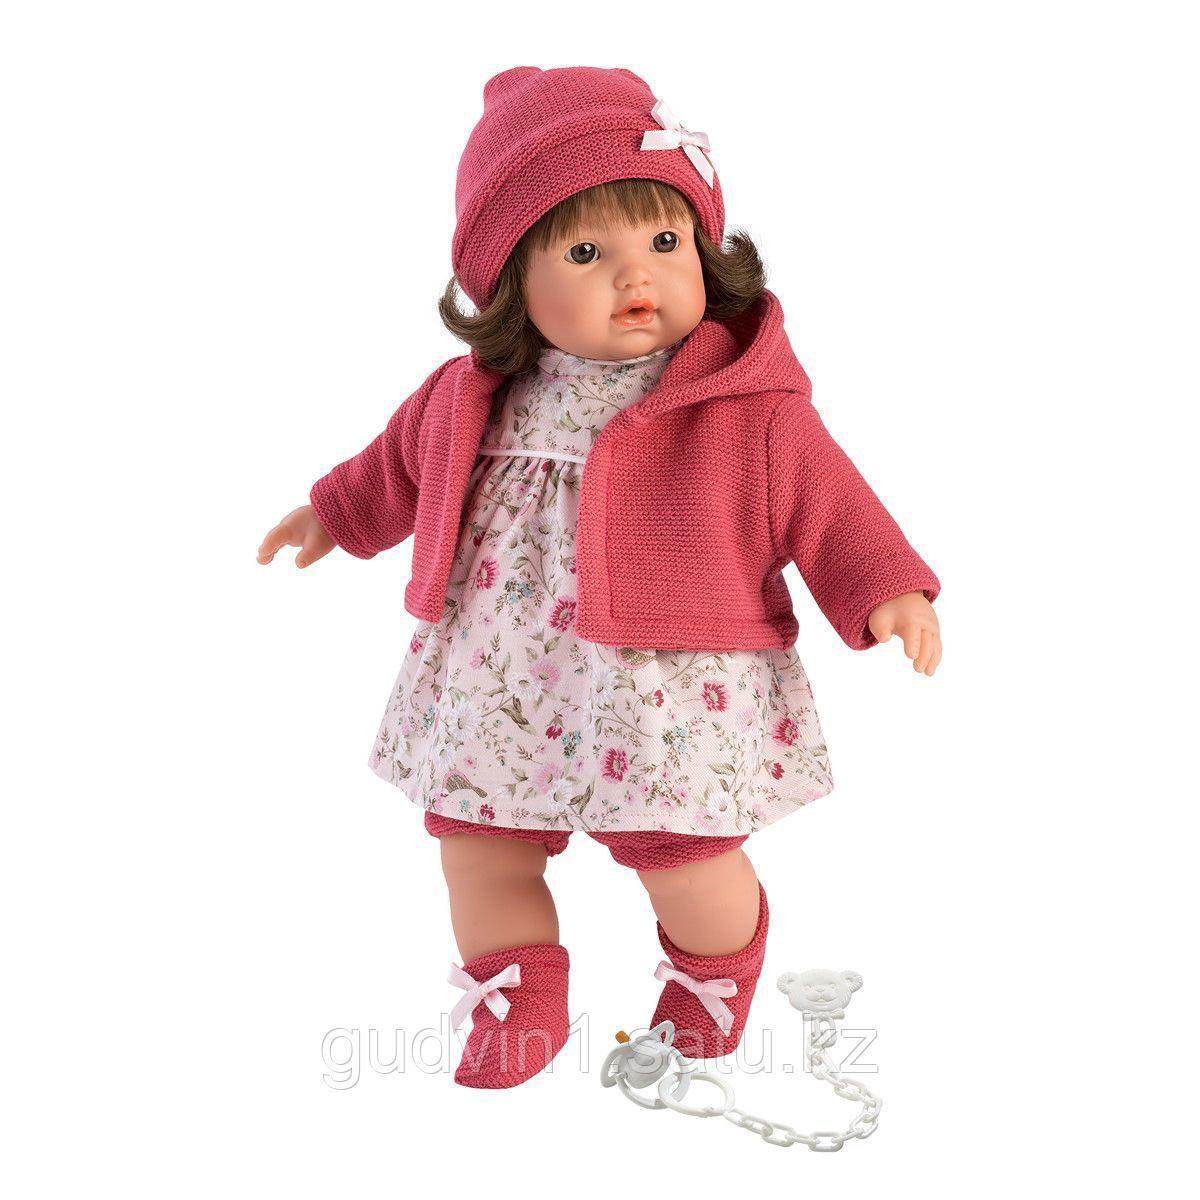 LLORENS: Кукла Айсель 33см, брюнетка в красной курточке и красной шапочке 1102605